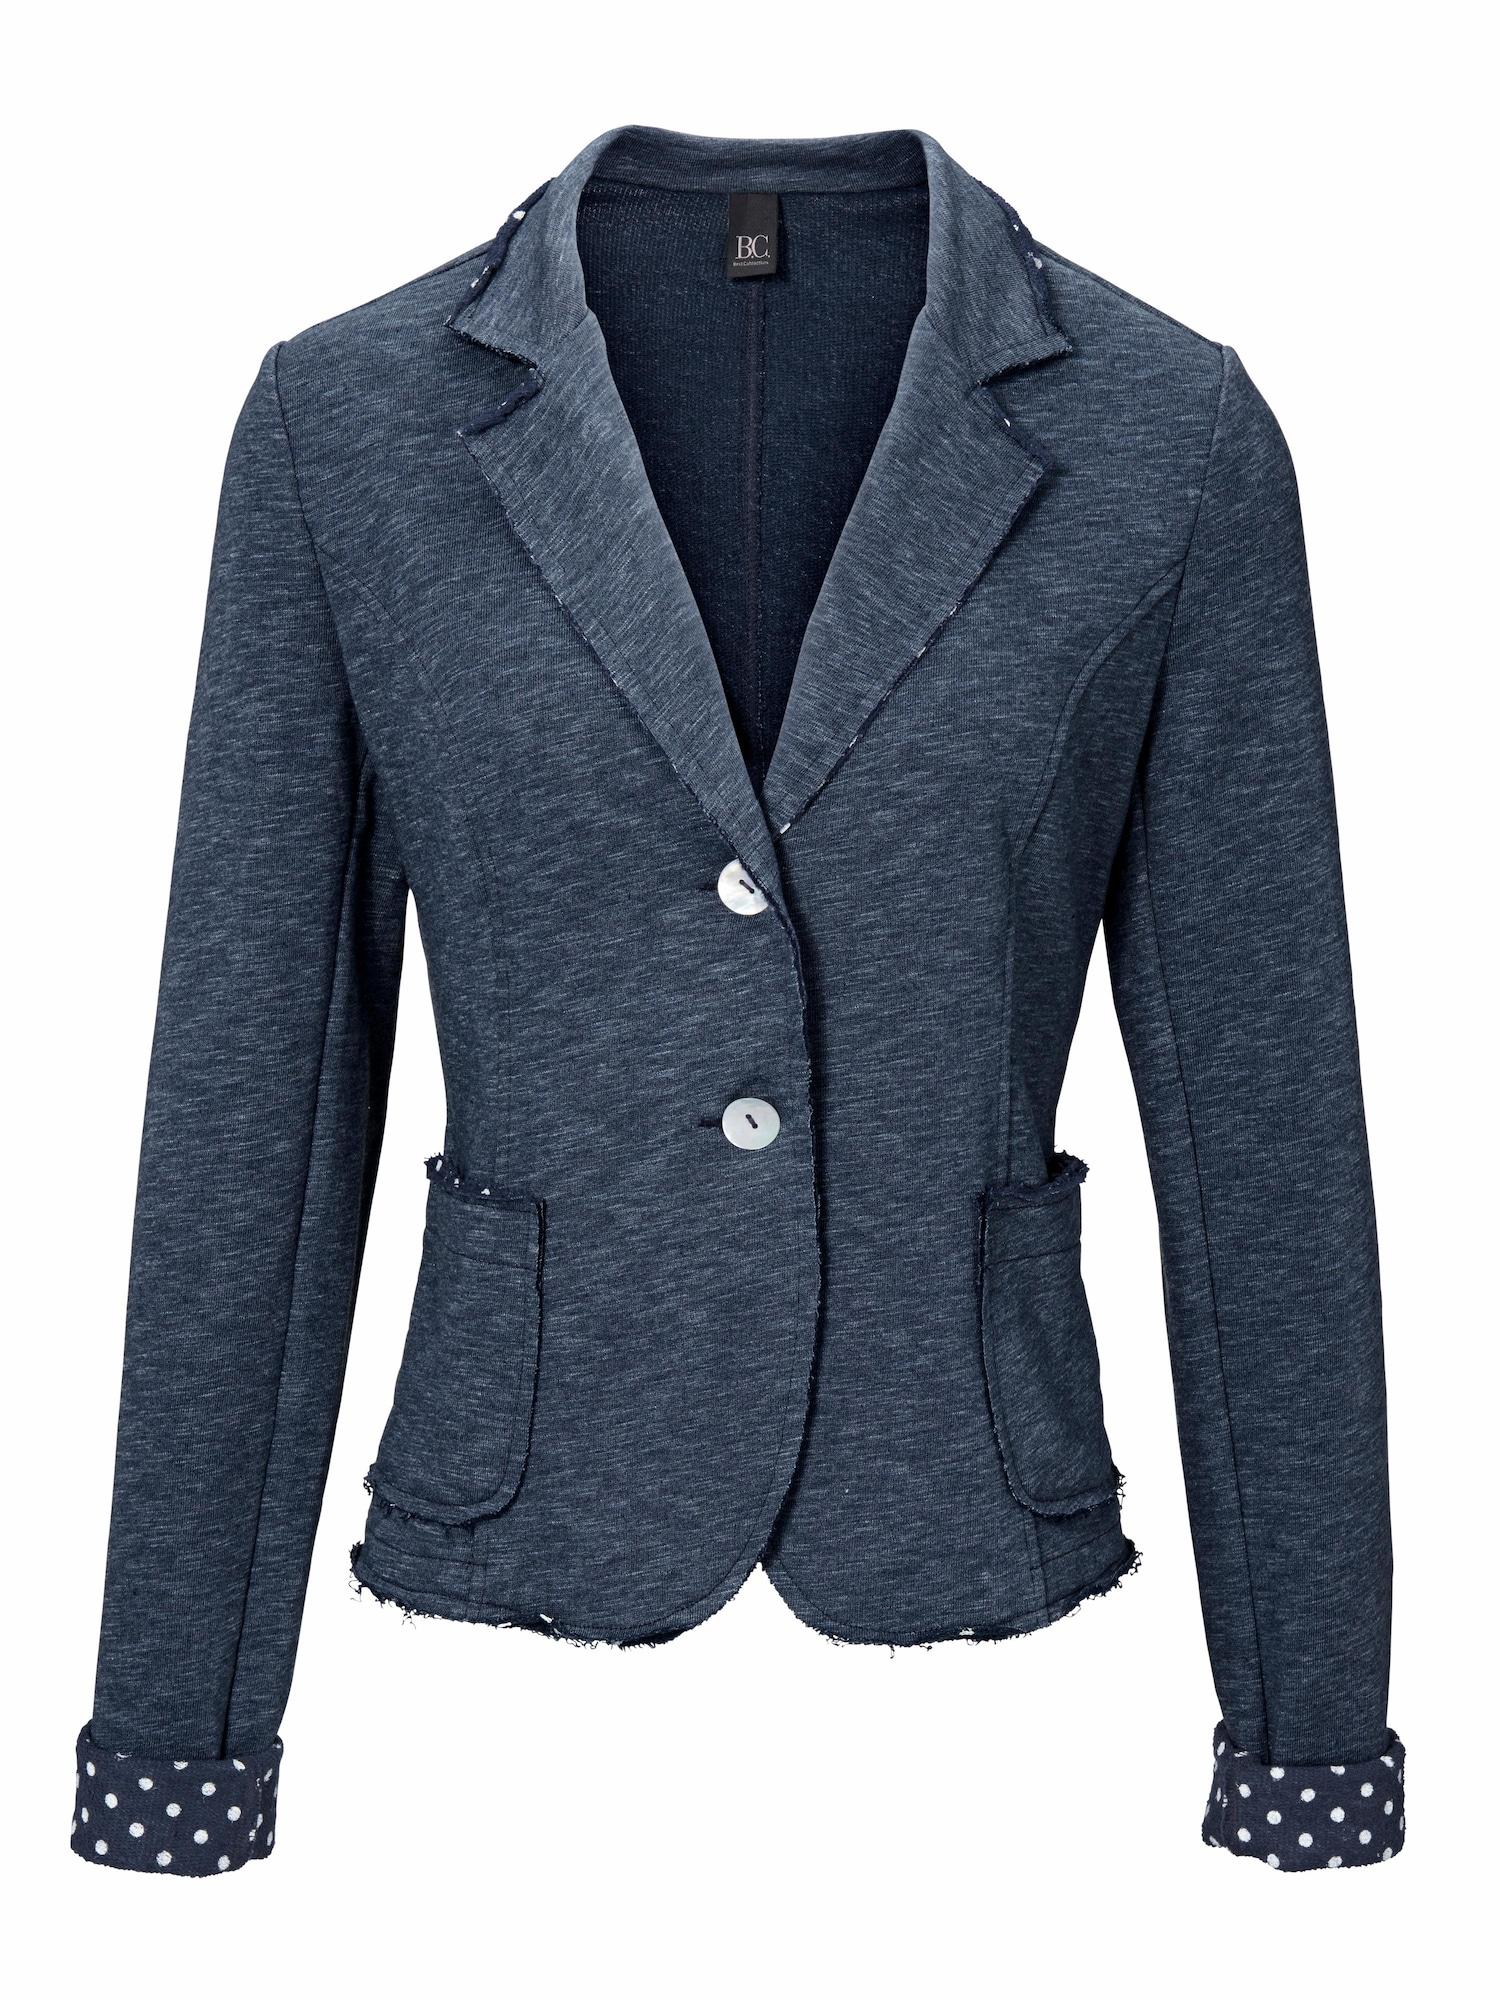 Sweatblazer mit offenen Kanten | Bekleidung > Blazer > Sweatblazer | heine